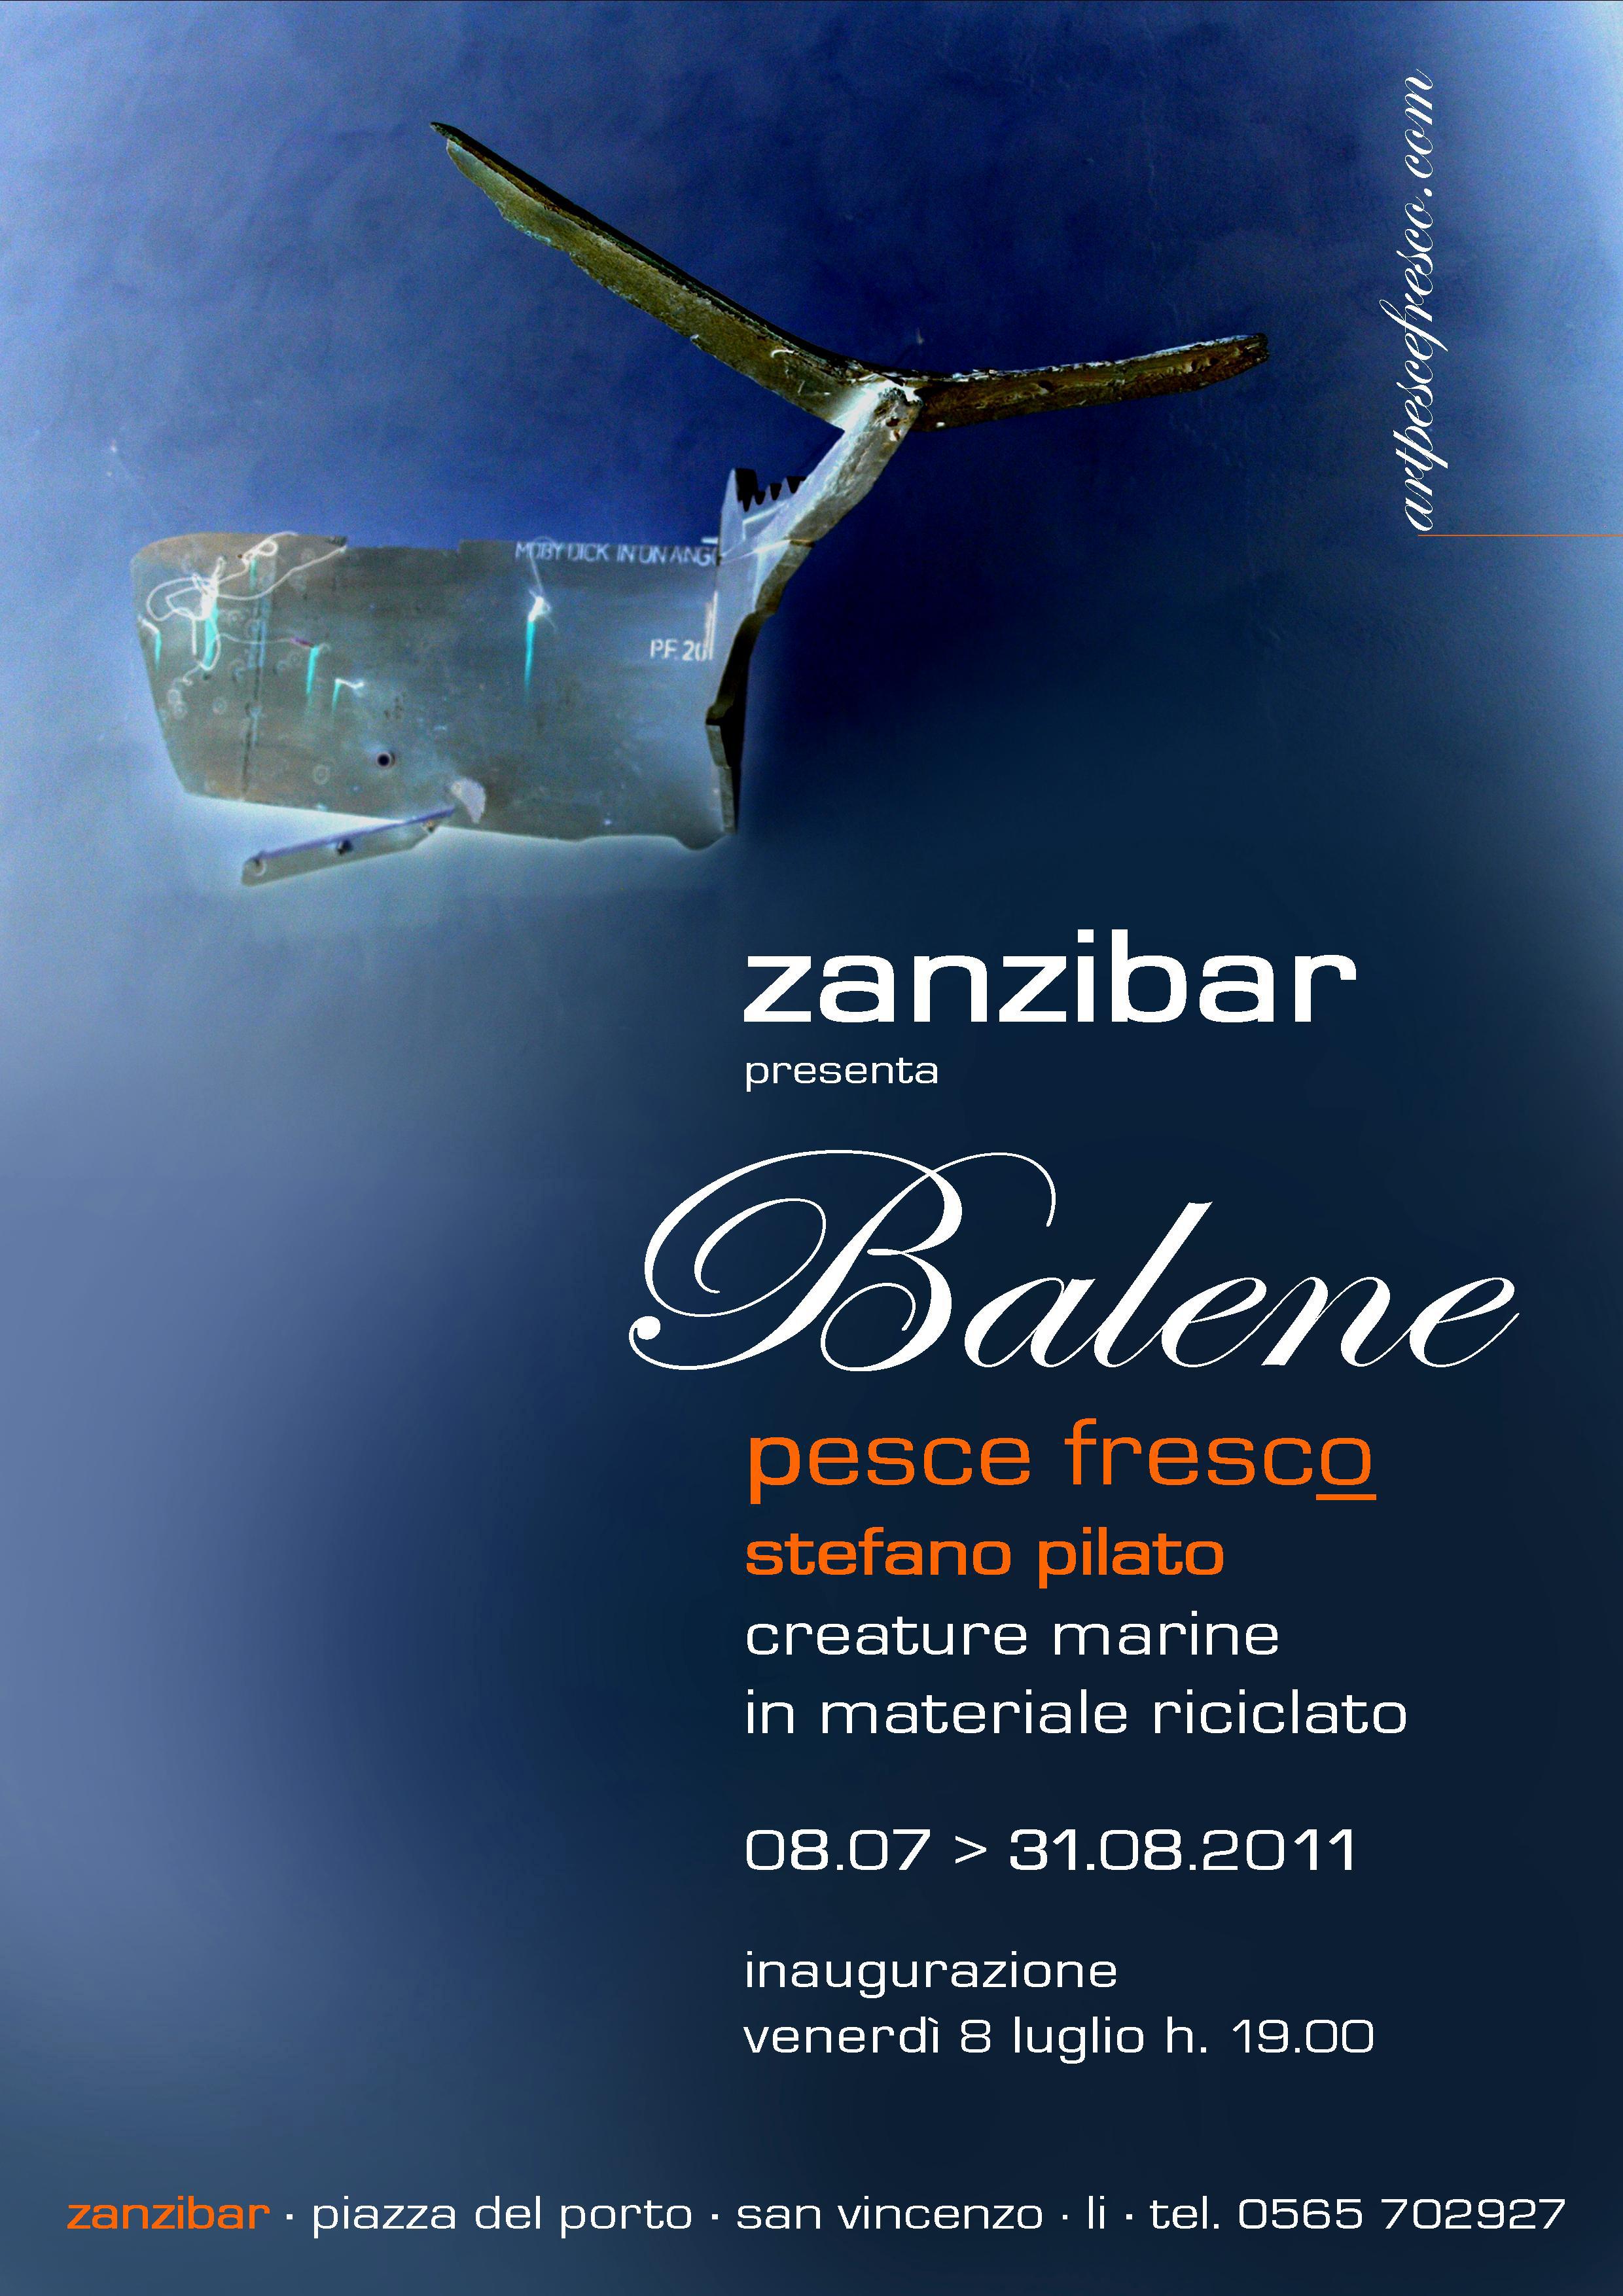 zanzibar 2011